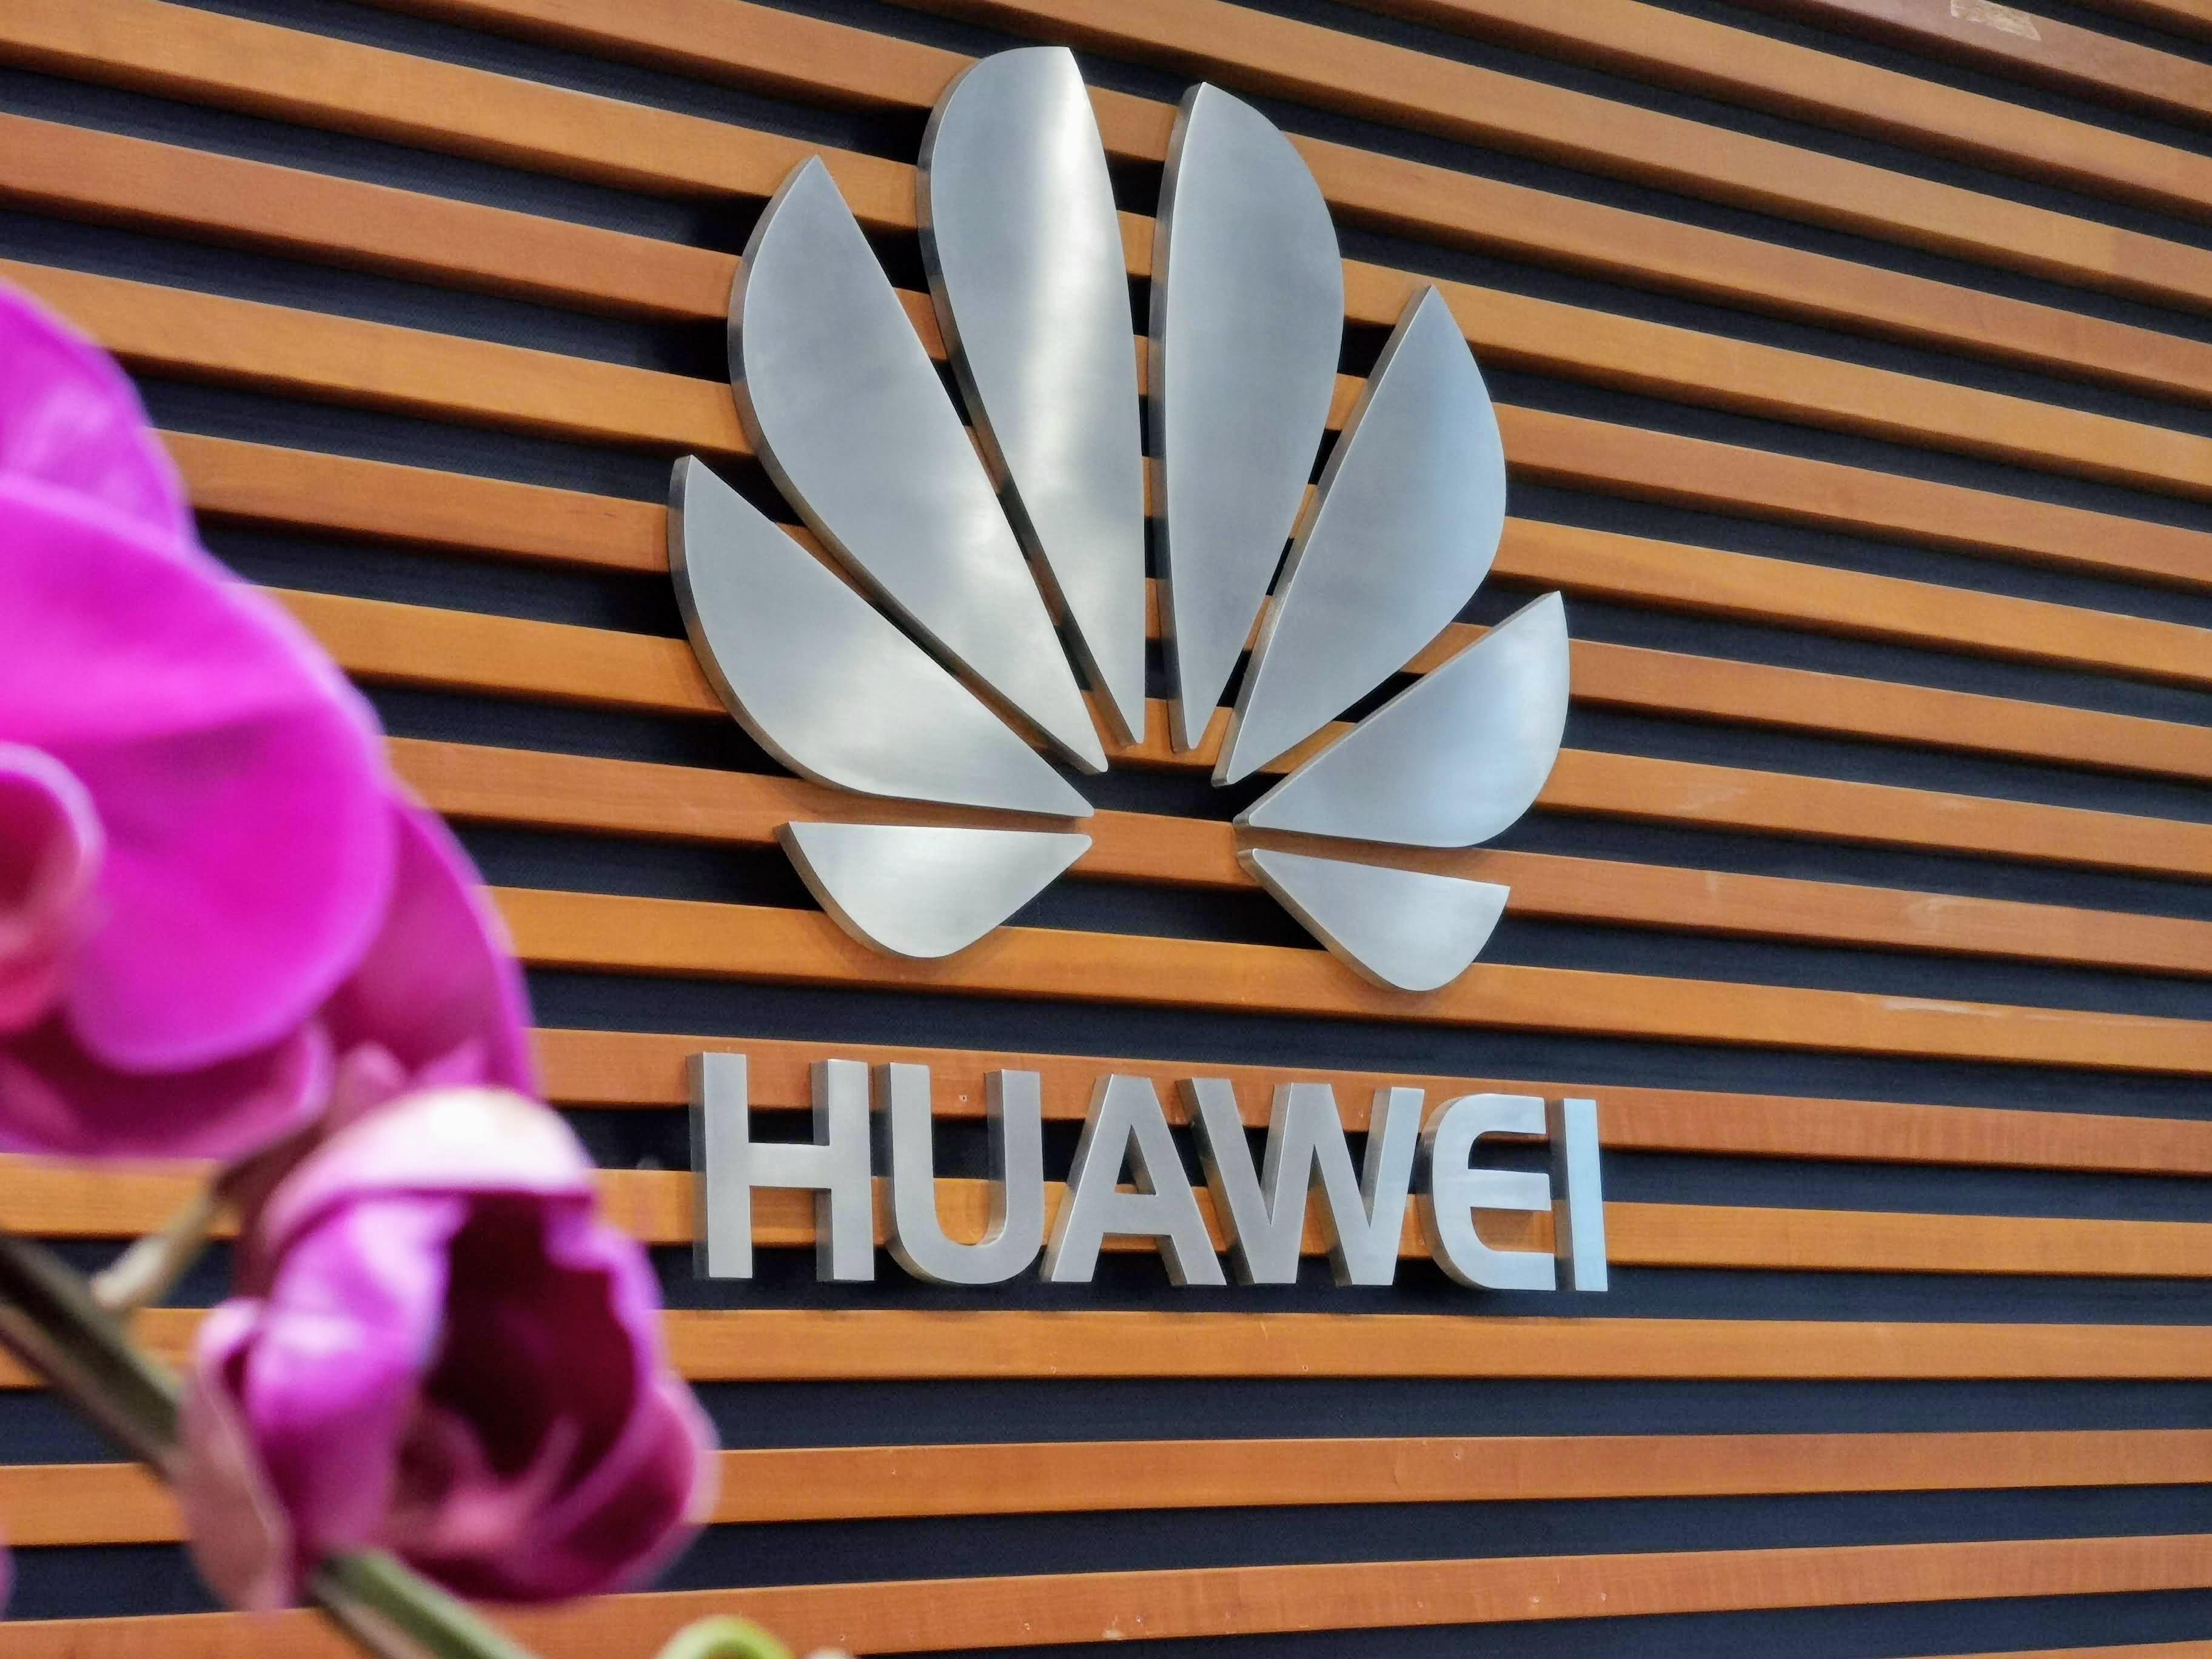 Huawei dément participer à l'espionnage chinois, même si une loi l'y oblige